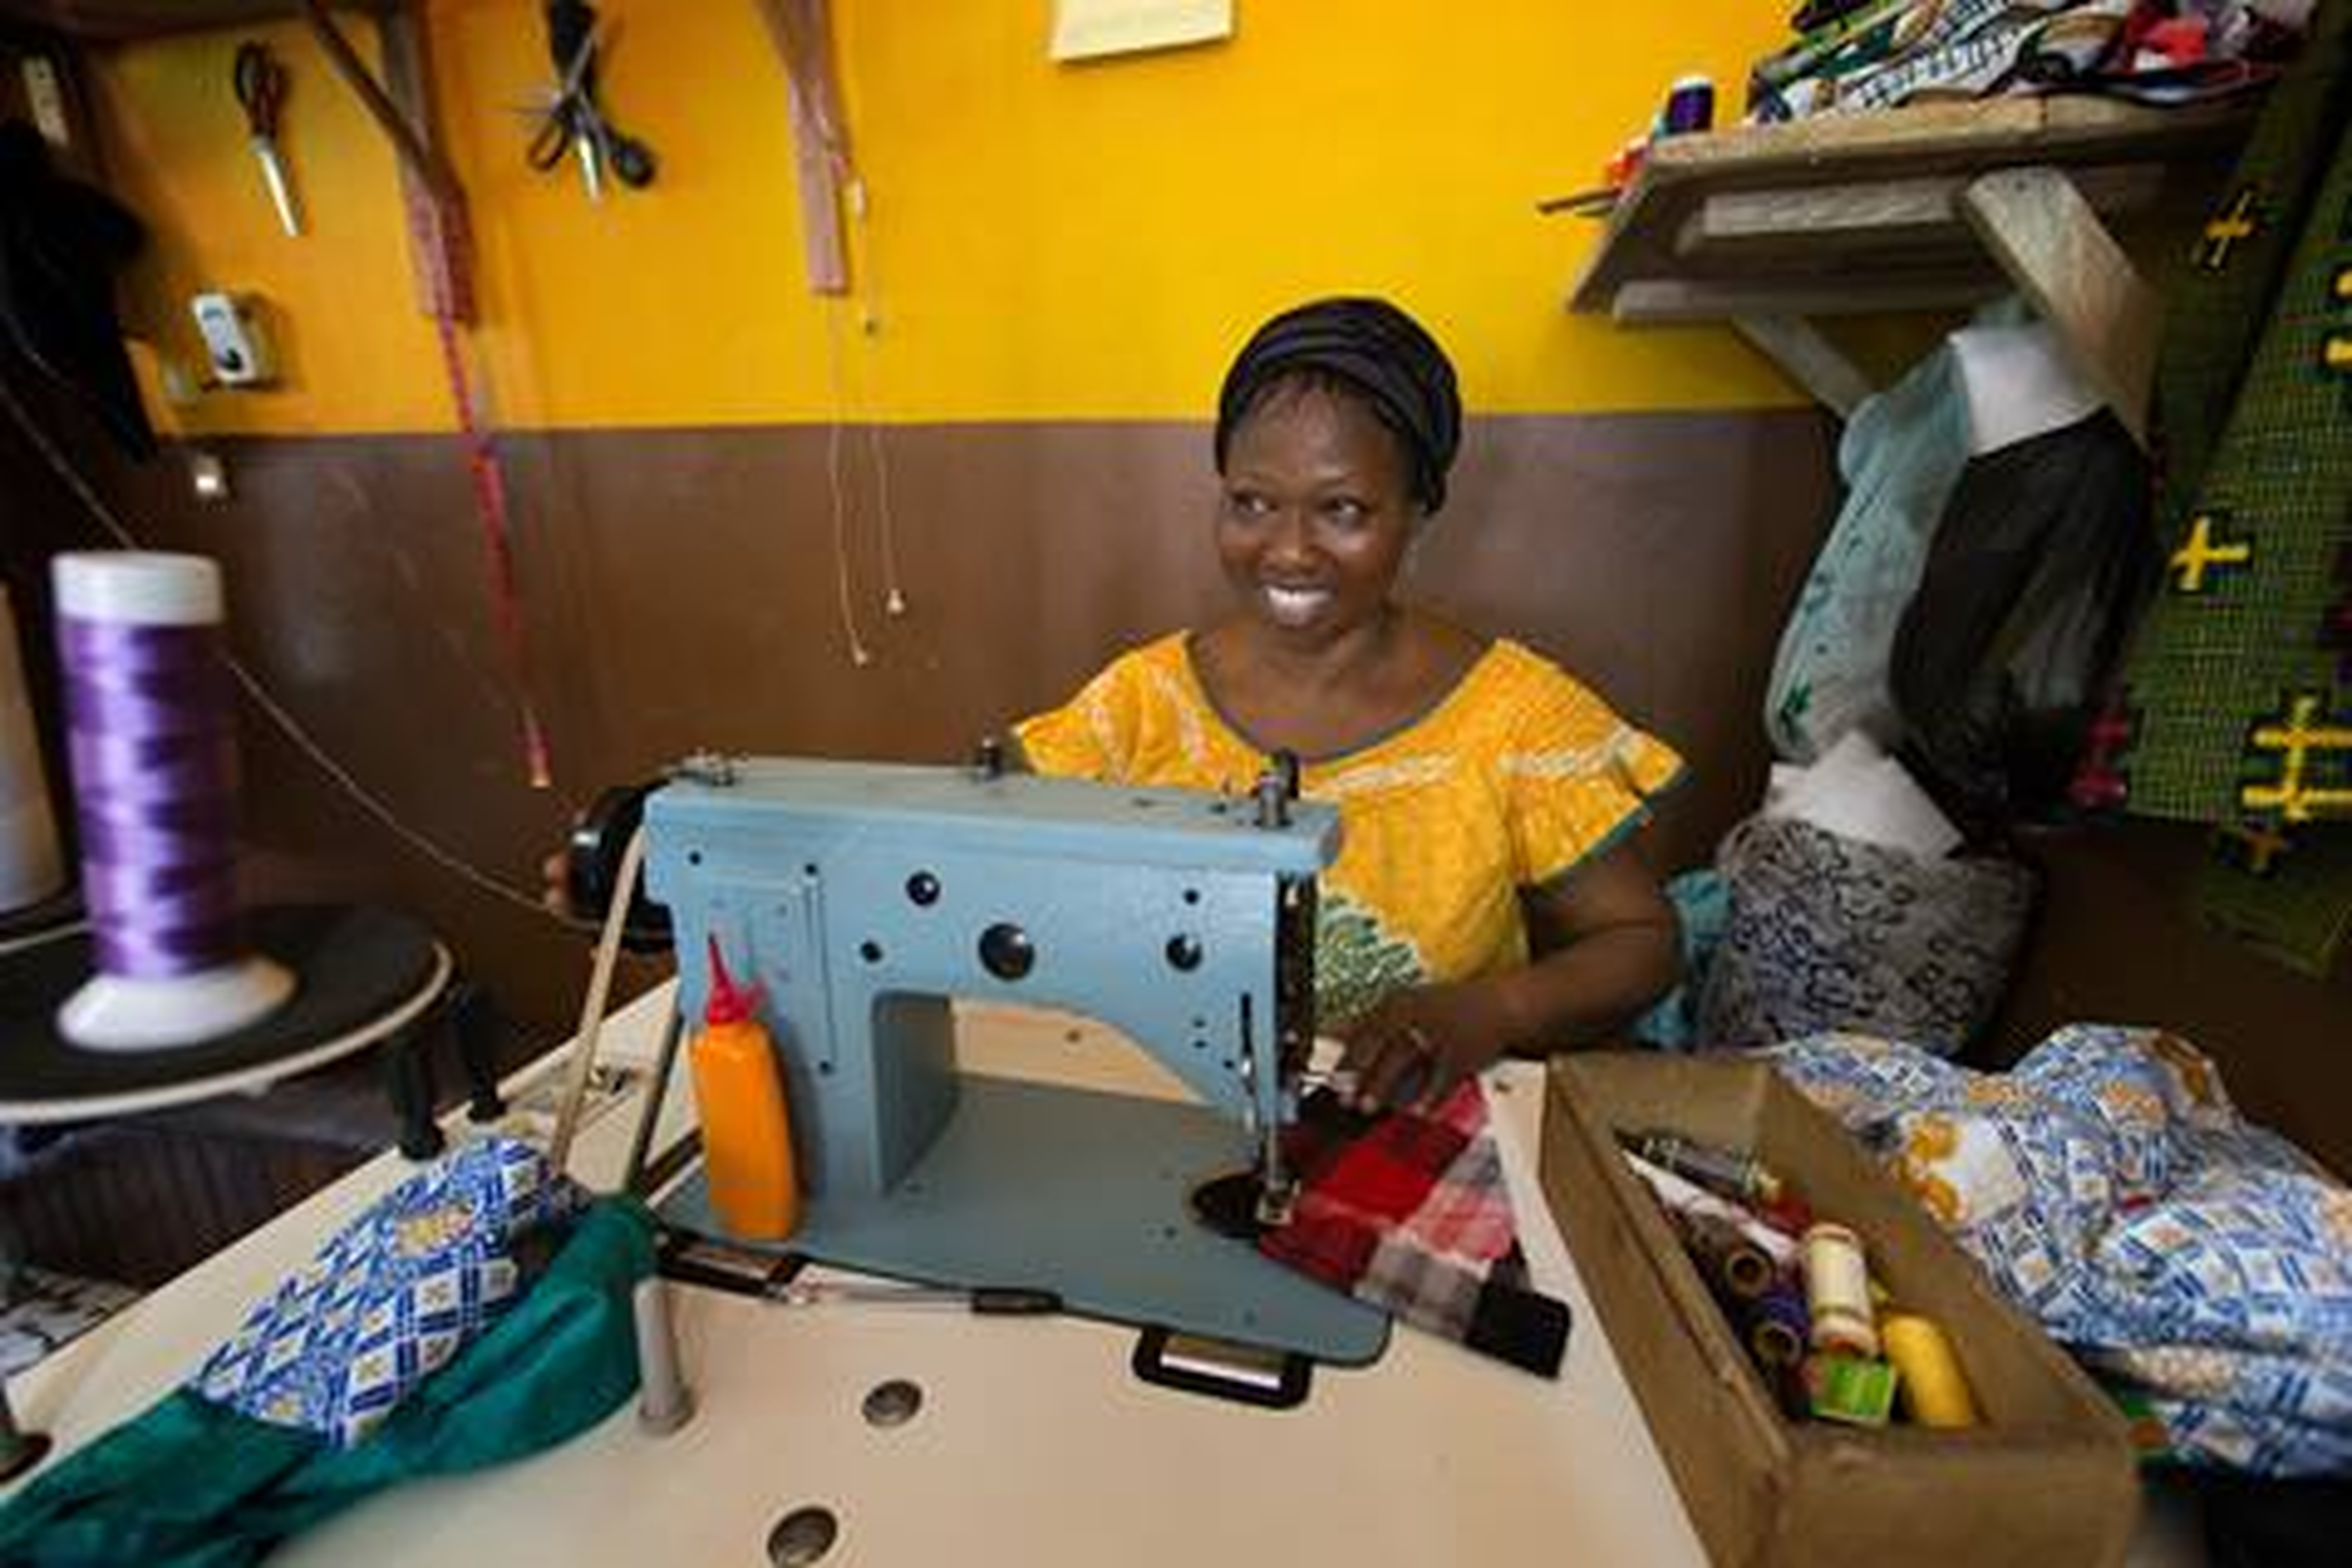 Eugenie Sowan Erse N'Ghessan cose ropa para ganarse la vida y sus siete hijos en Abidjan, Costa de Marfil. Es una de las 48 mujeres que recibió un microcrédito para iniciar su propio negocio en la Conferencia de las Mujeres Metodistas Unidas de Costa de Marfil. Foto de Mike DuBose, Comunicaciones Metodistas Unidas